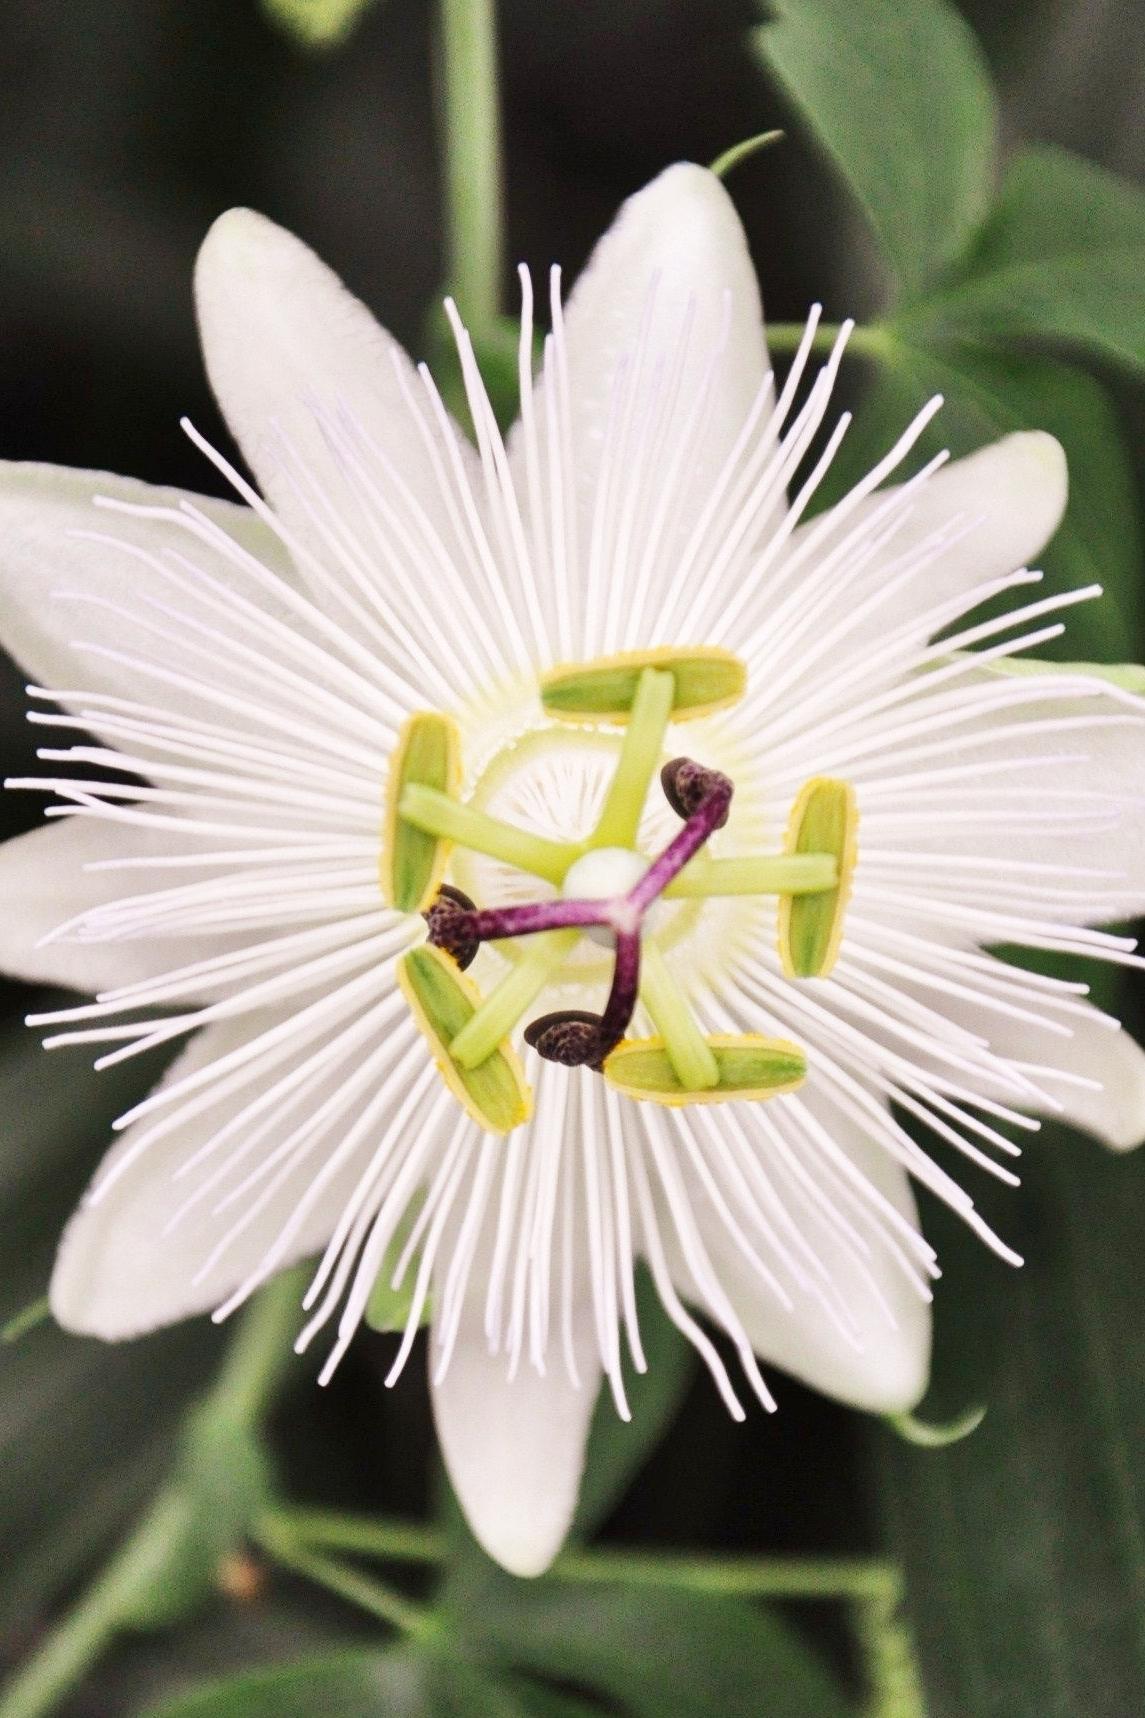 Kletterpflanze mit Blüten- und Fruchtschmuck